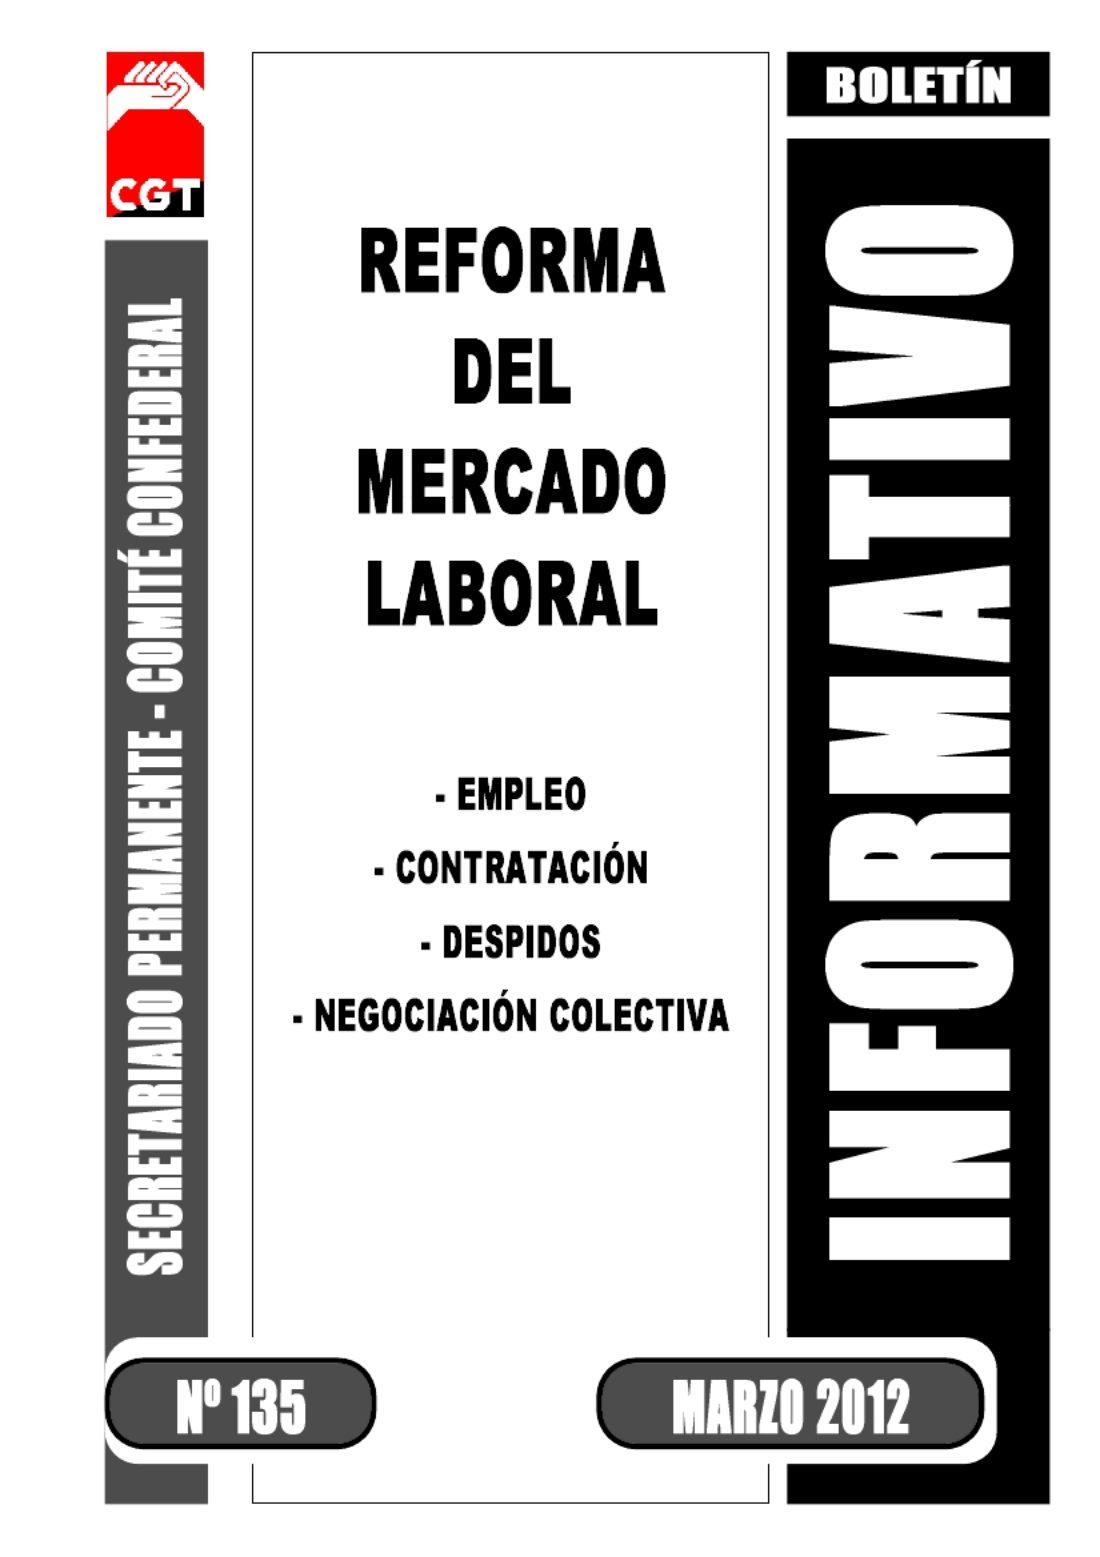 Boletín 135: Reforma del Mercado Laboral (Marzo 2012)